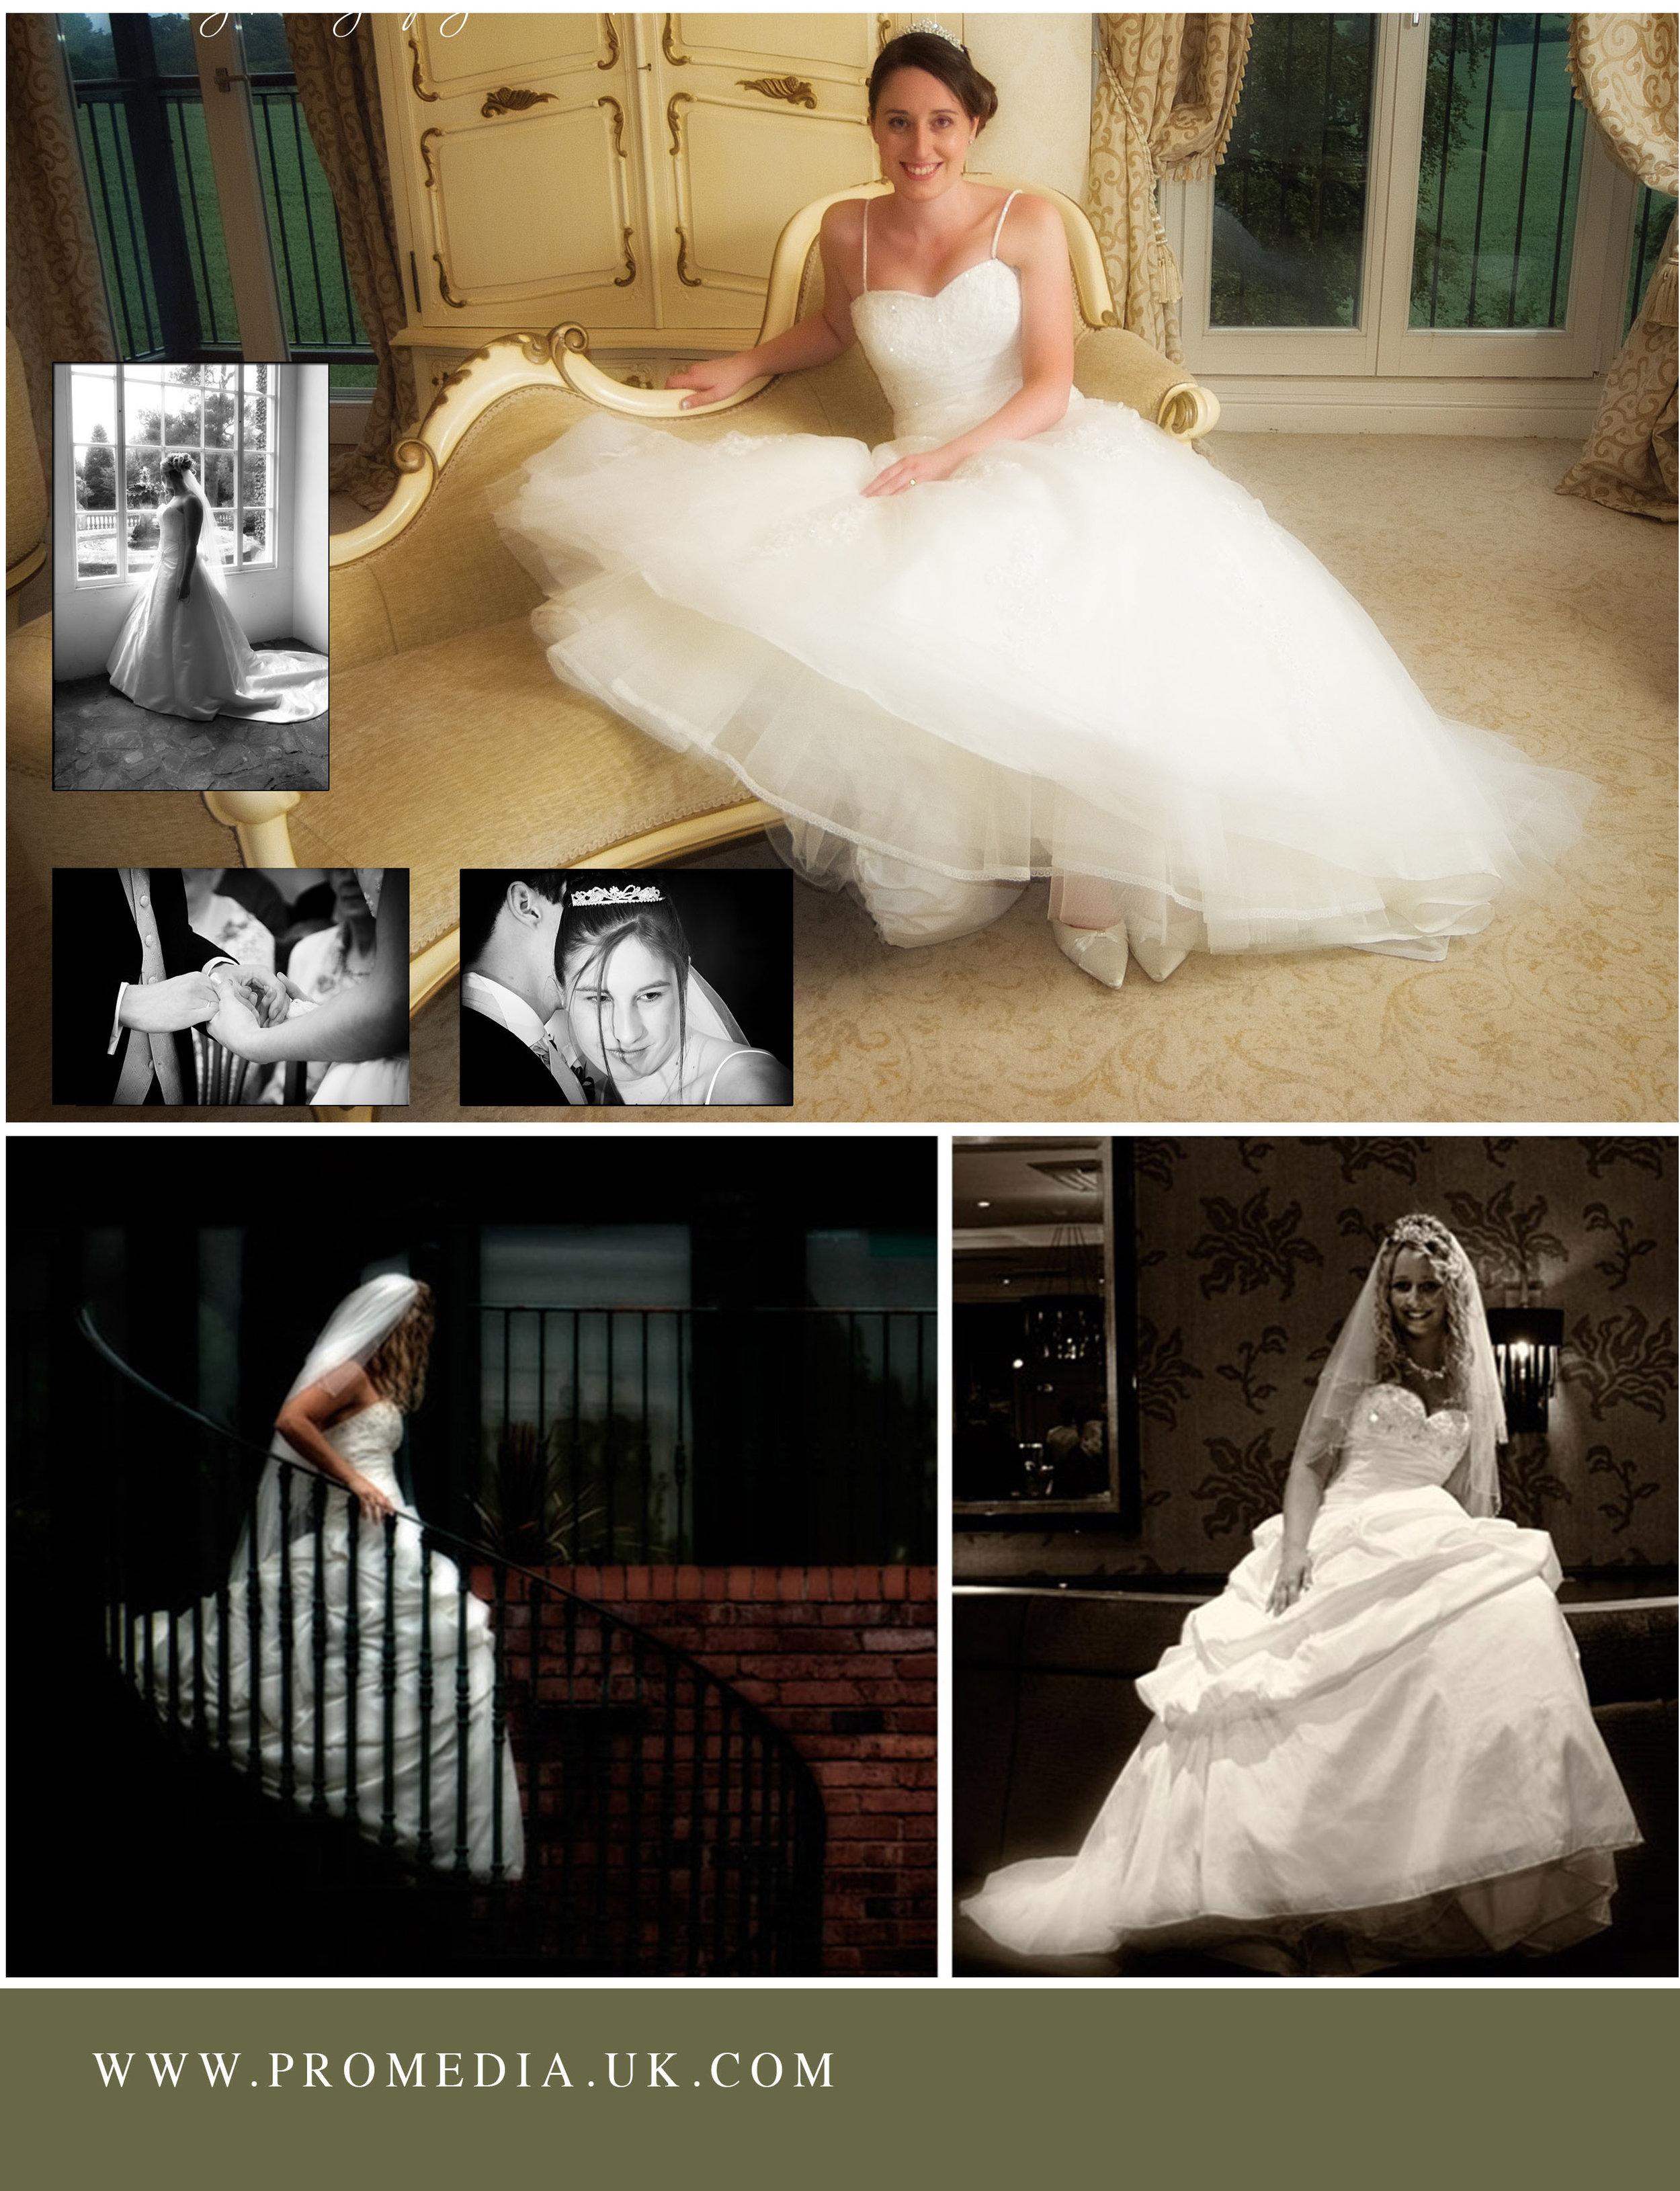 7 - BP4U - Wedding Client Guide - PG 11.jpg